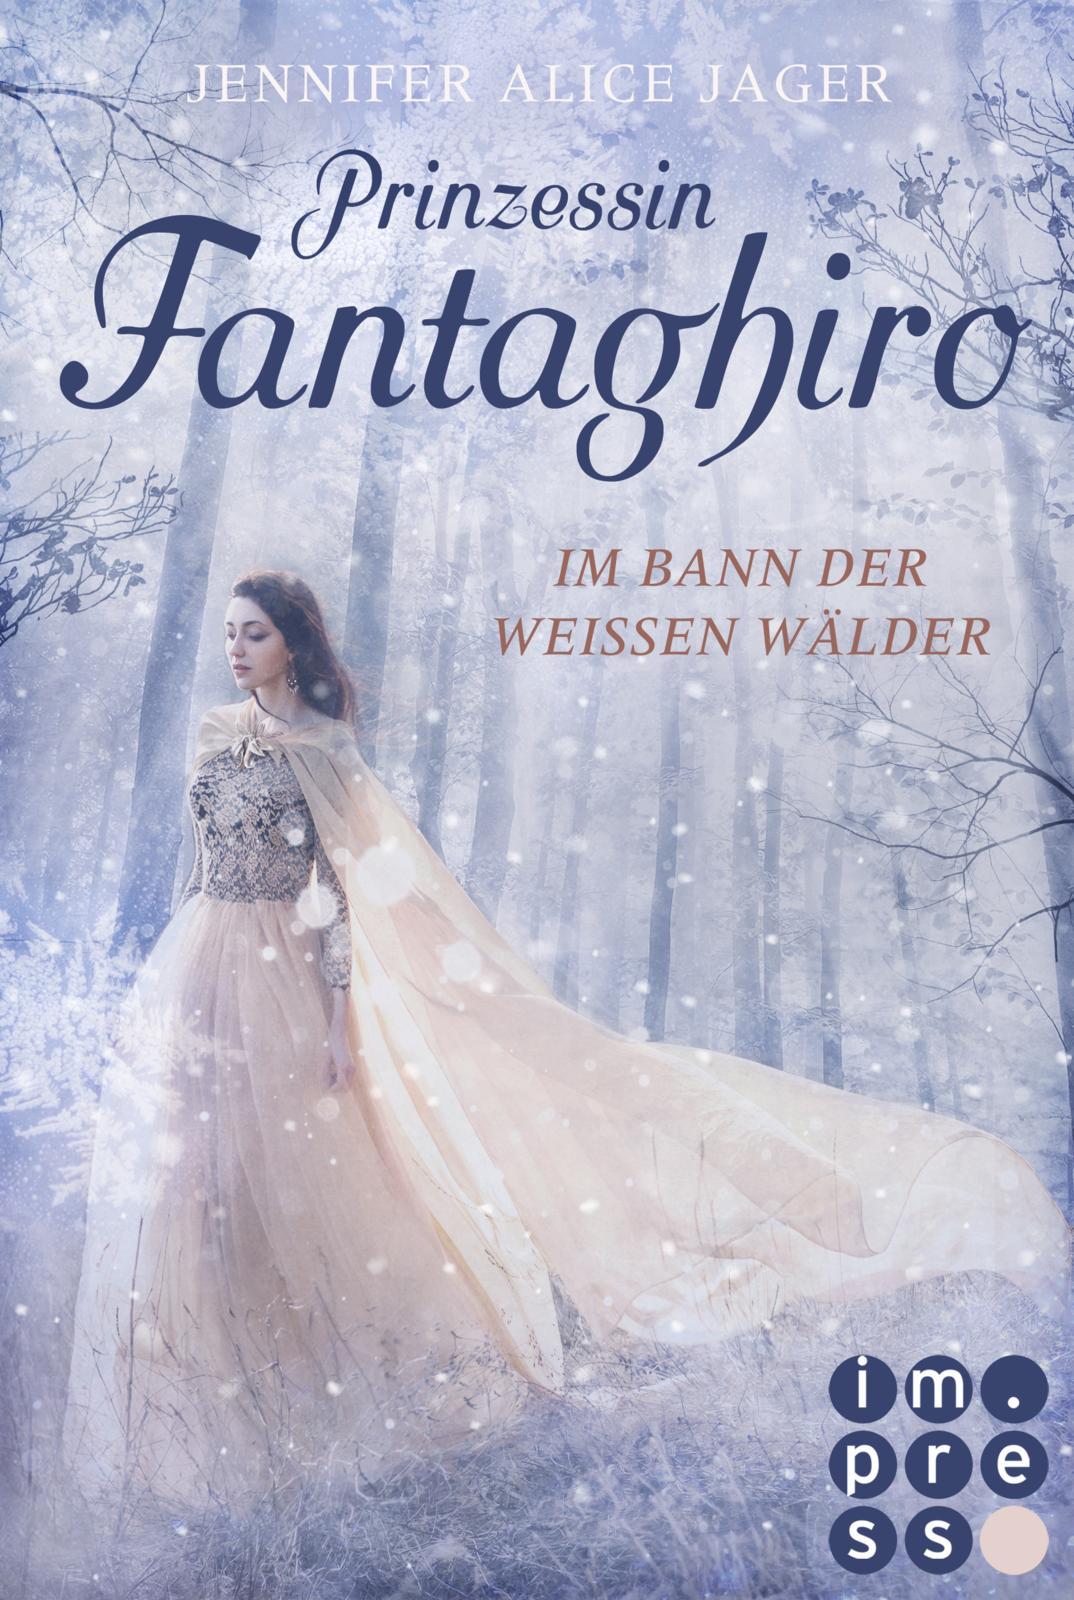 Jager, Jennifer Alice: Prinzessin Fantaghiro - Im Bann der weißen Wälder